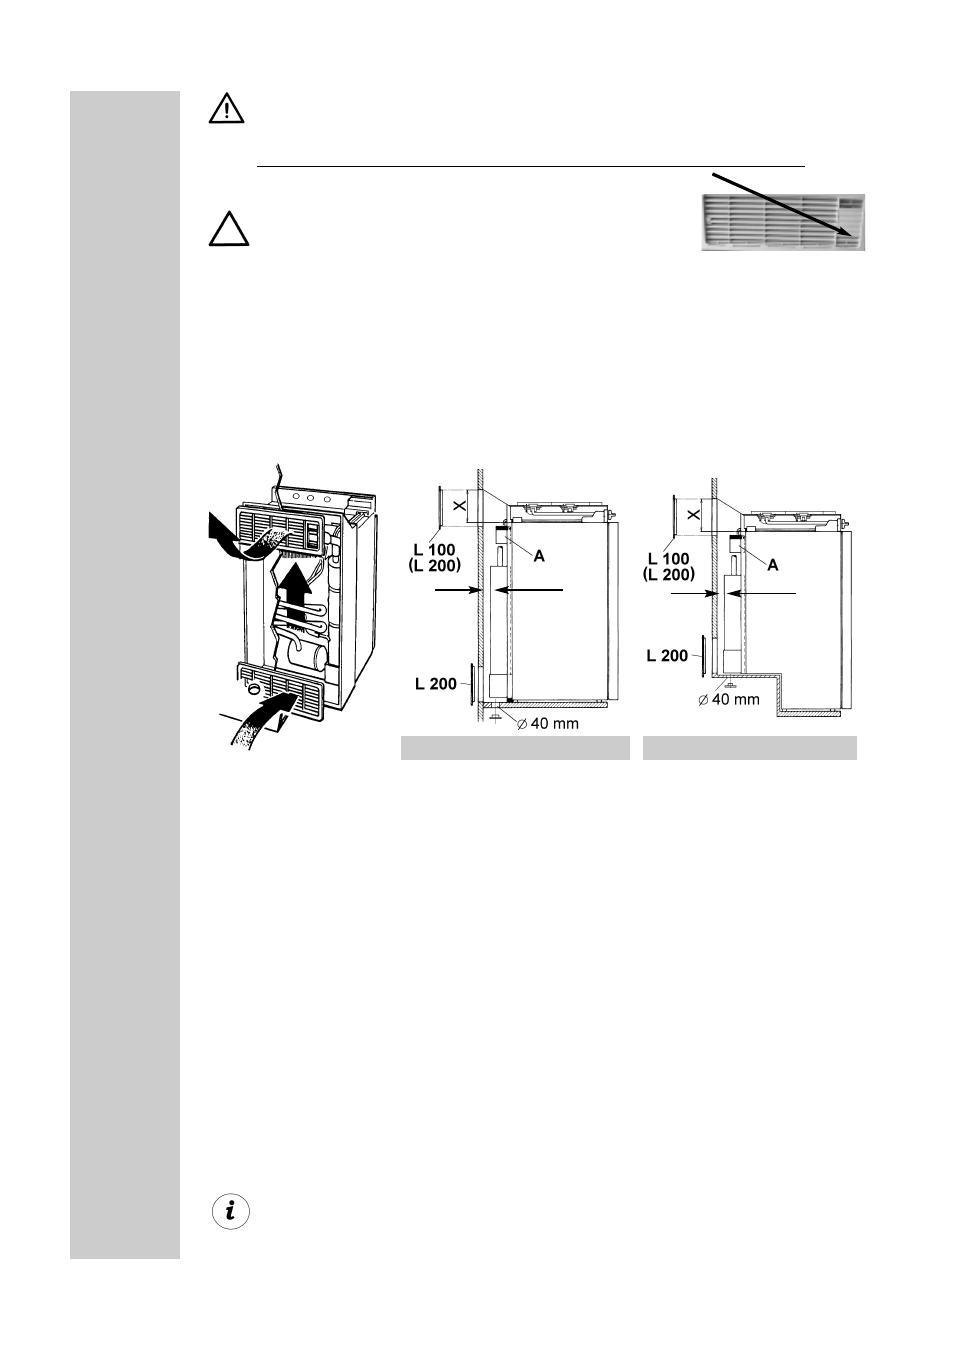 kühlschrank electrolux ek 1012